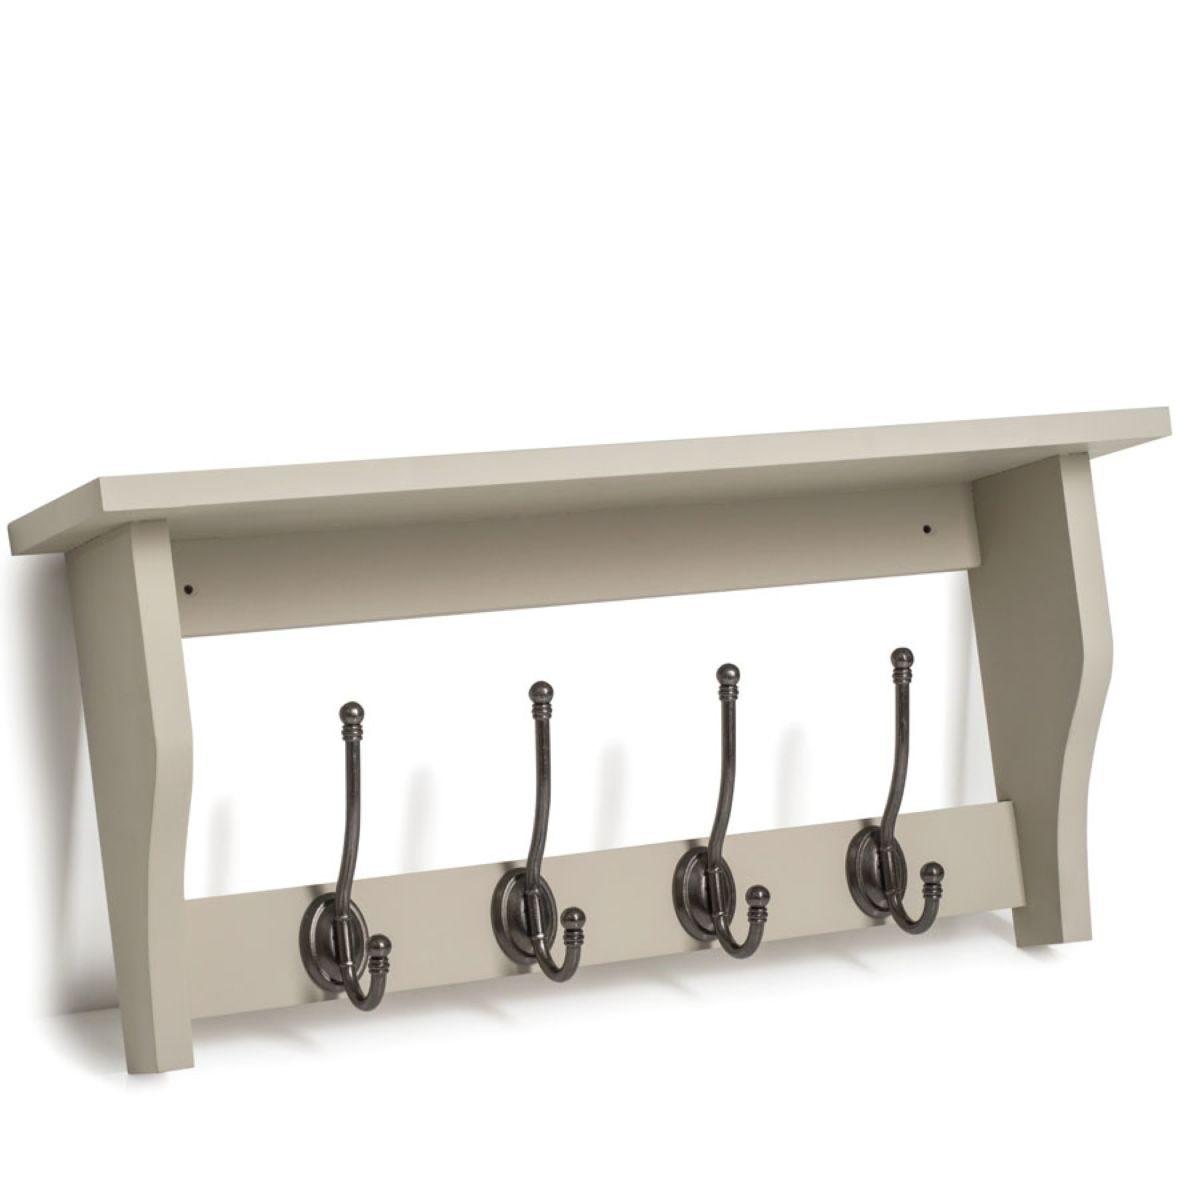 Lewiston 4 Coat Hooks with Shelf – French Grey